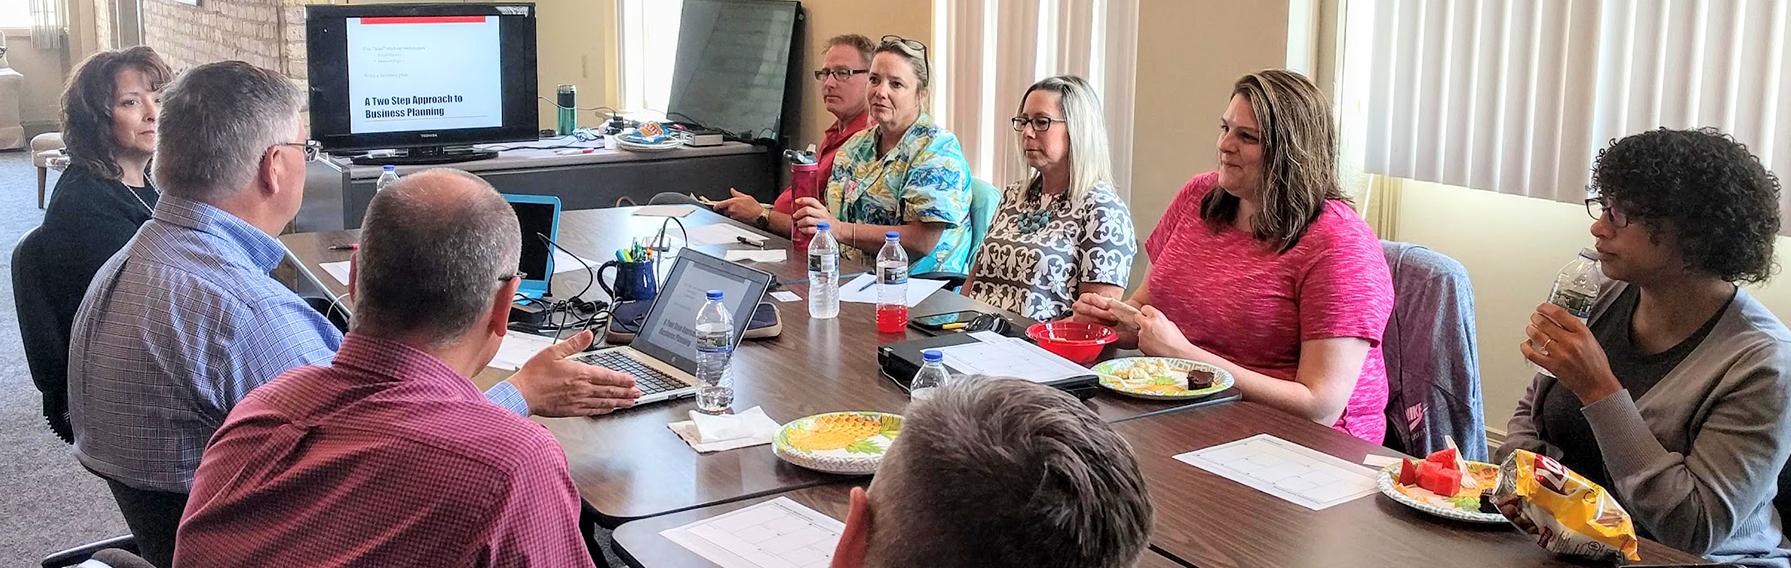 FOCUS Coworking Meeting Spaces